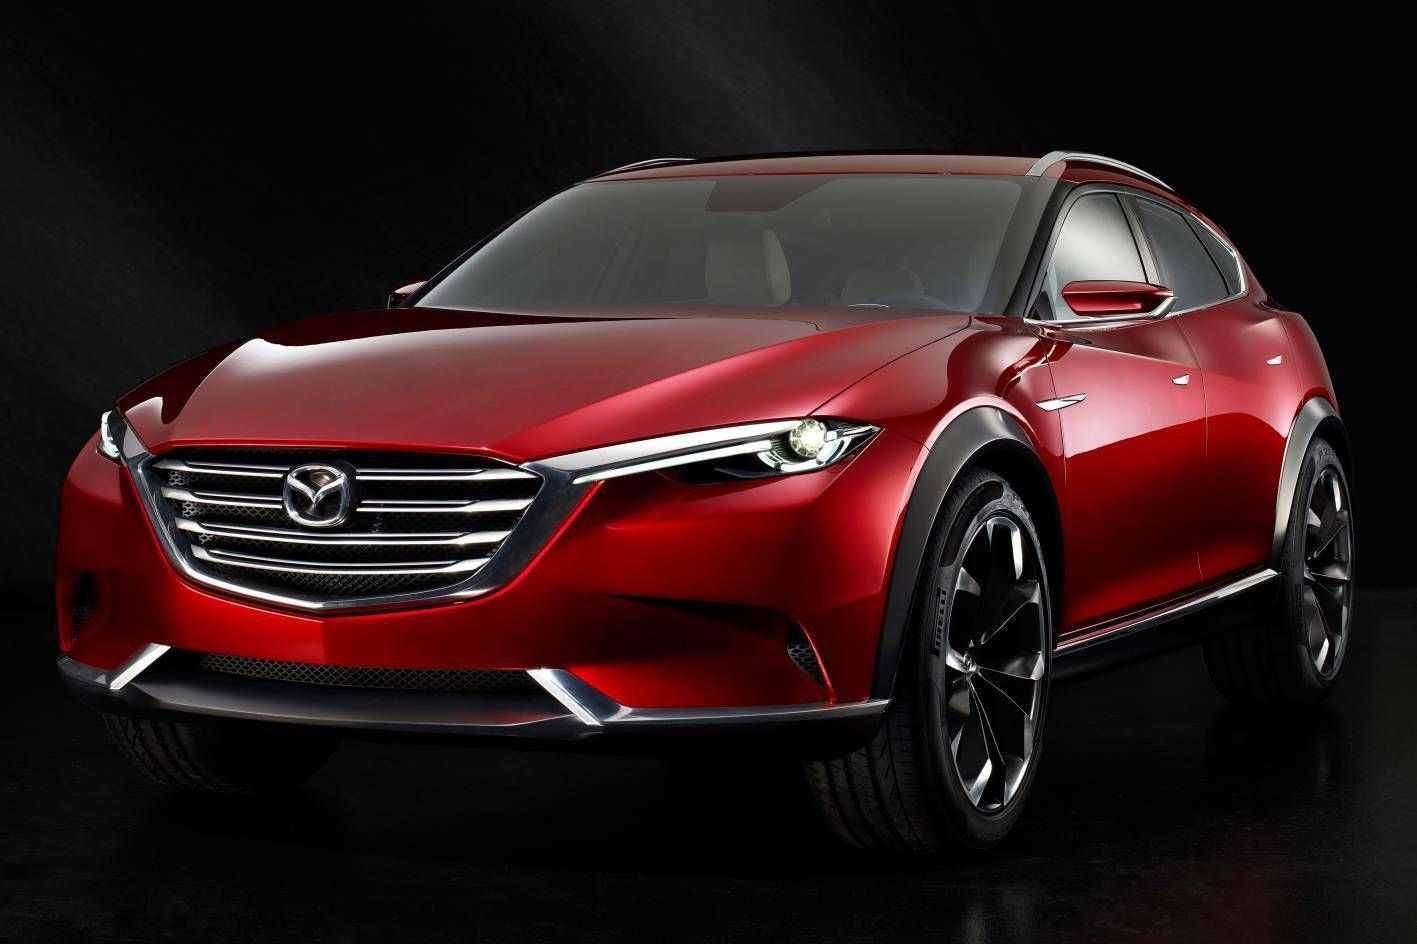 24 All New 2020 Mazda CX 9 Configurations with 2020 Mazda CX 9